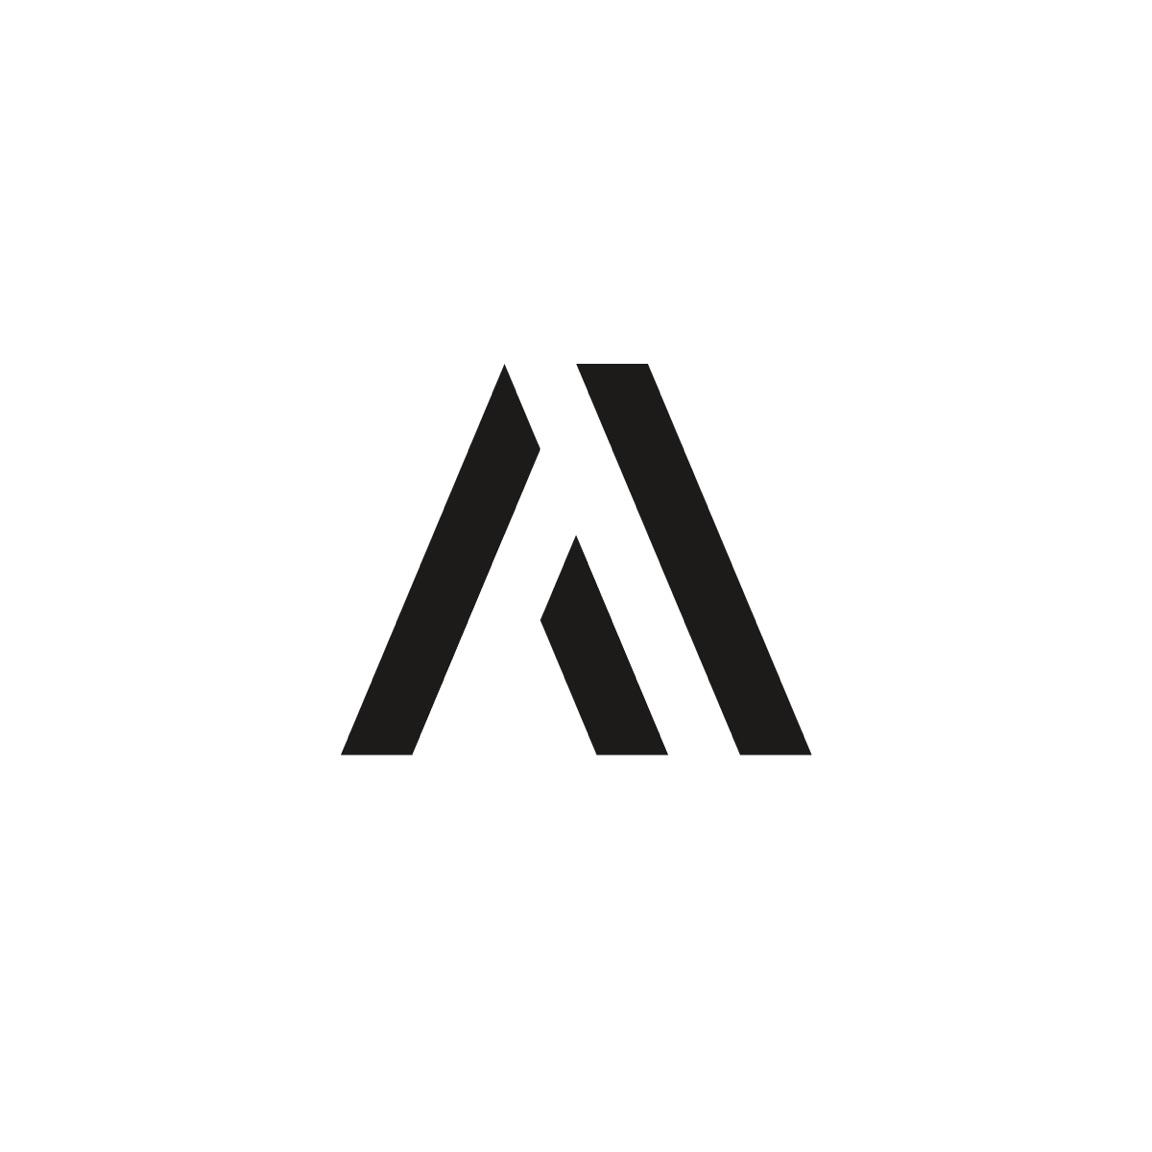 Final logo.jpg.jpeg